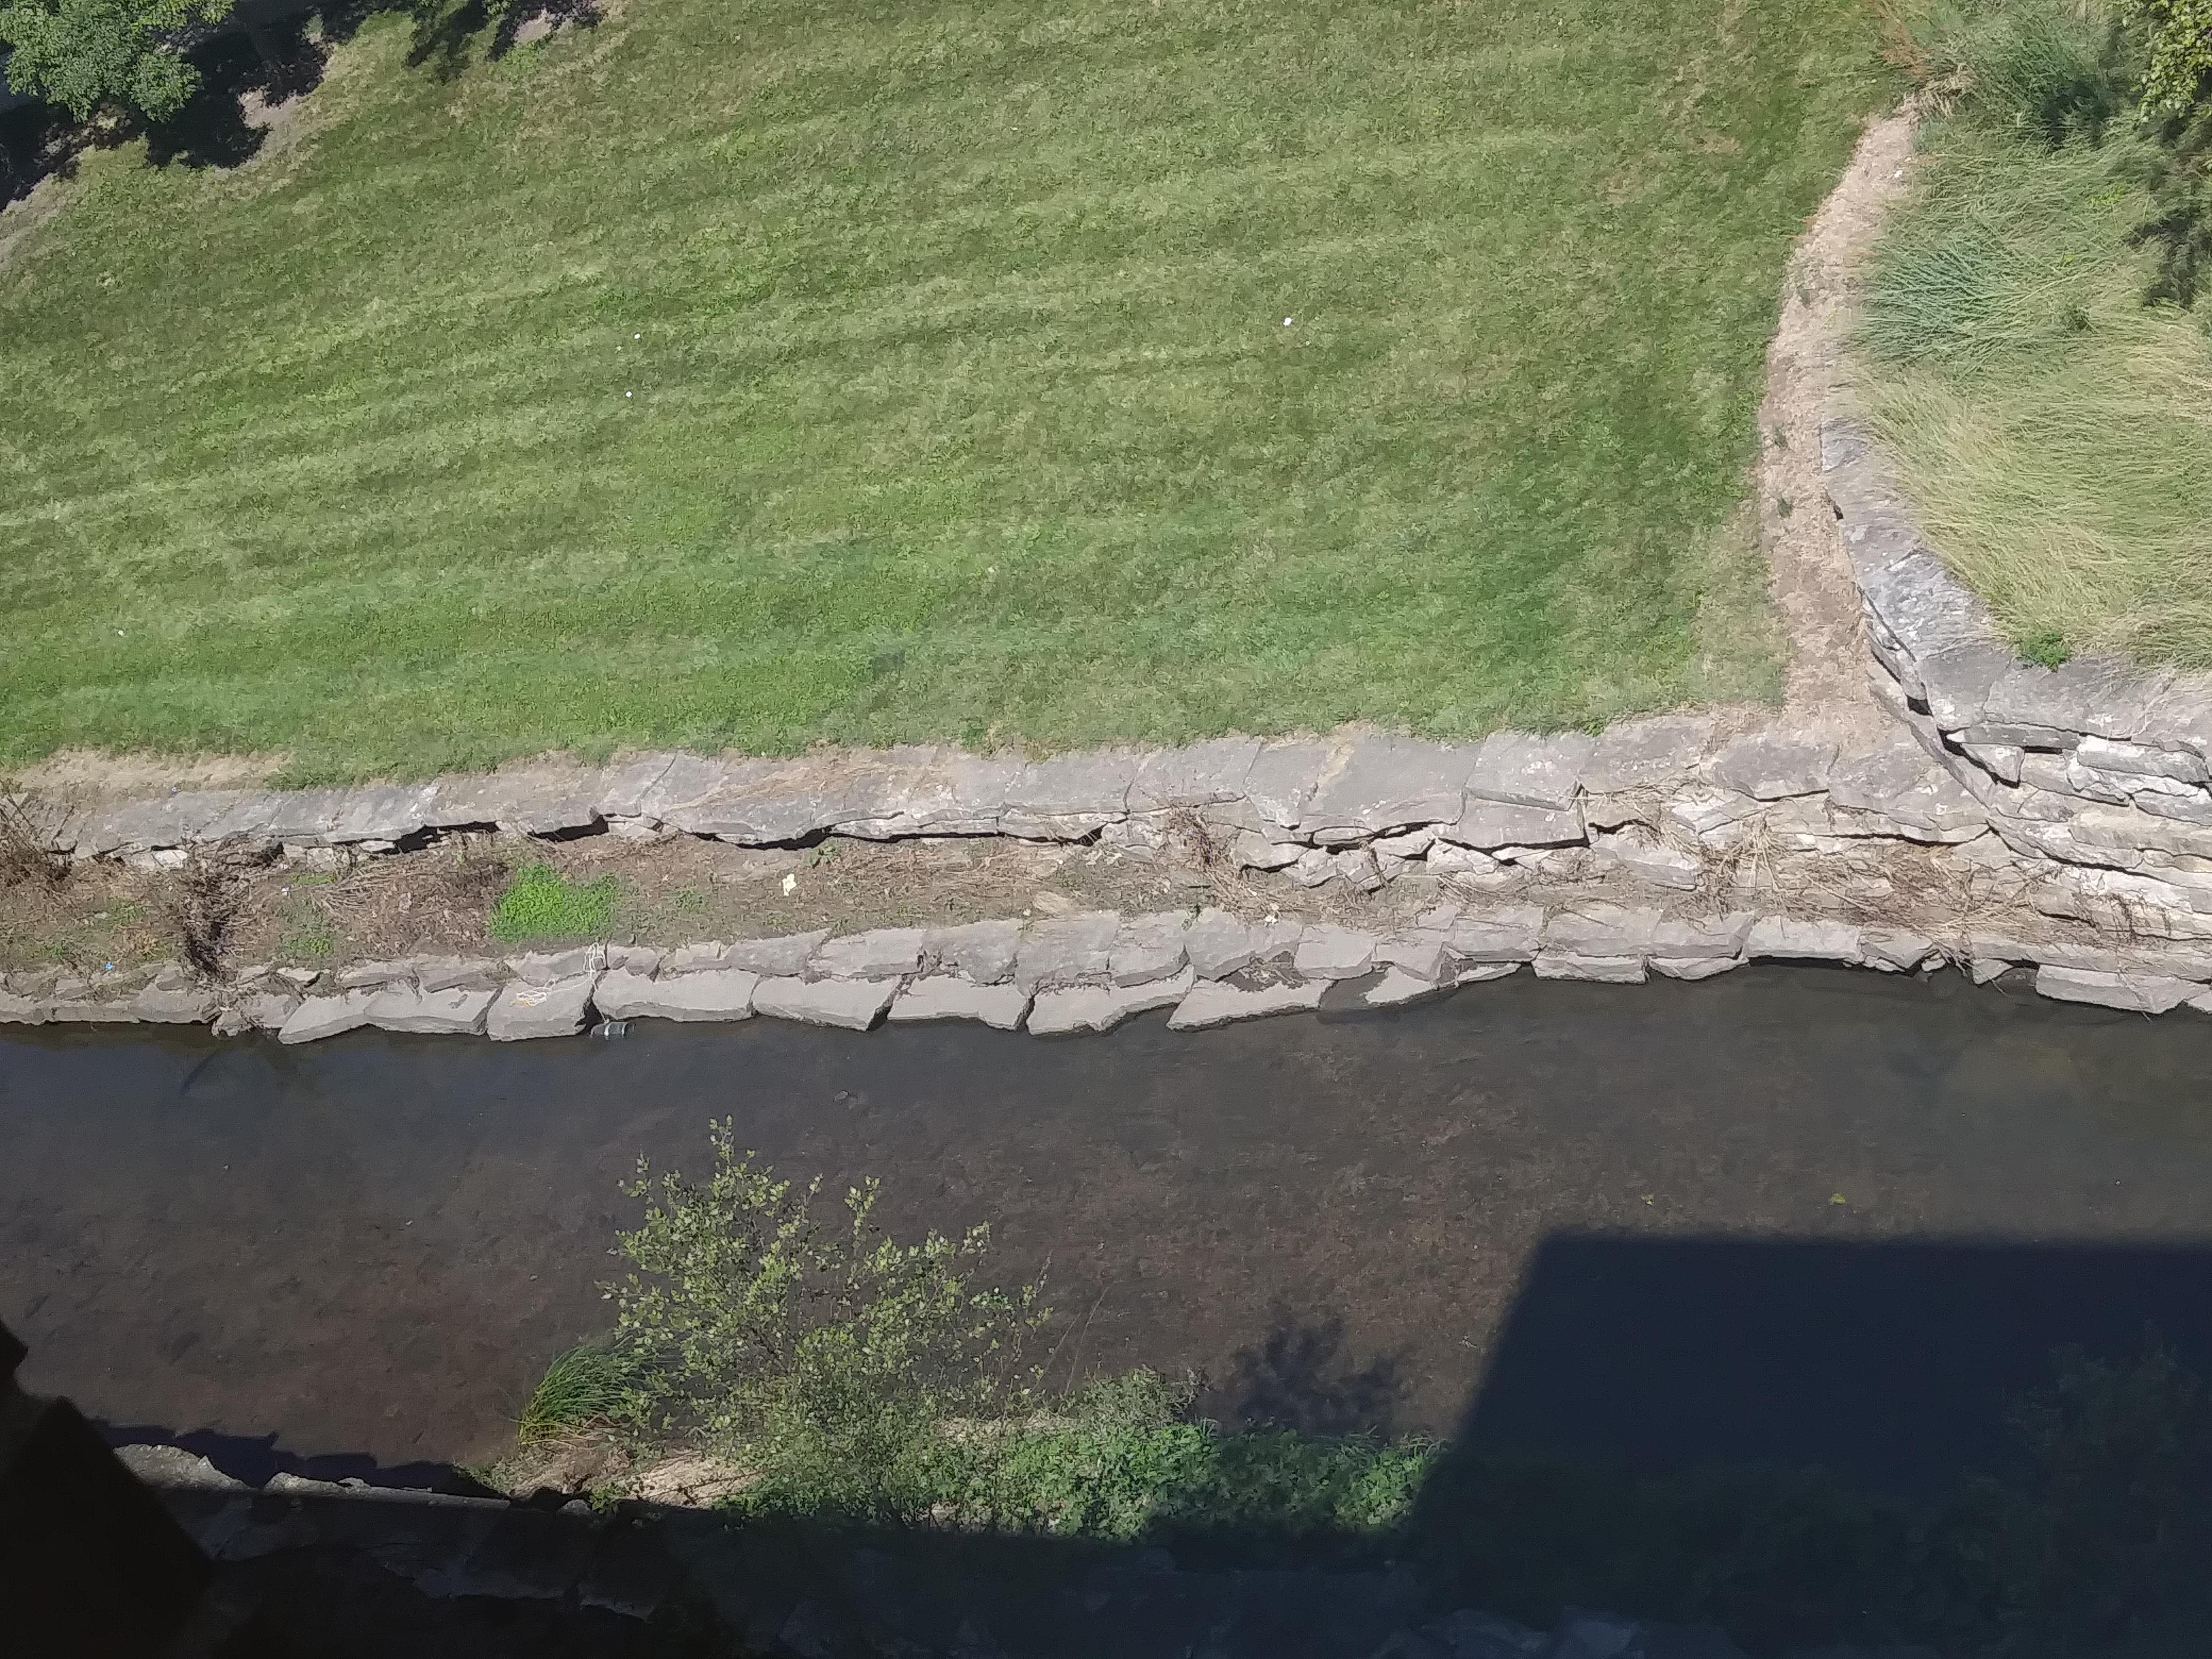 Boneyard Creek on campus